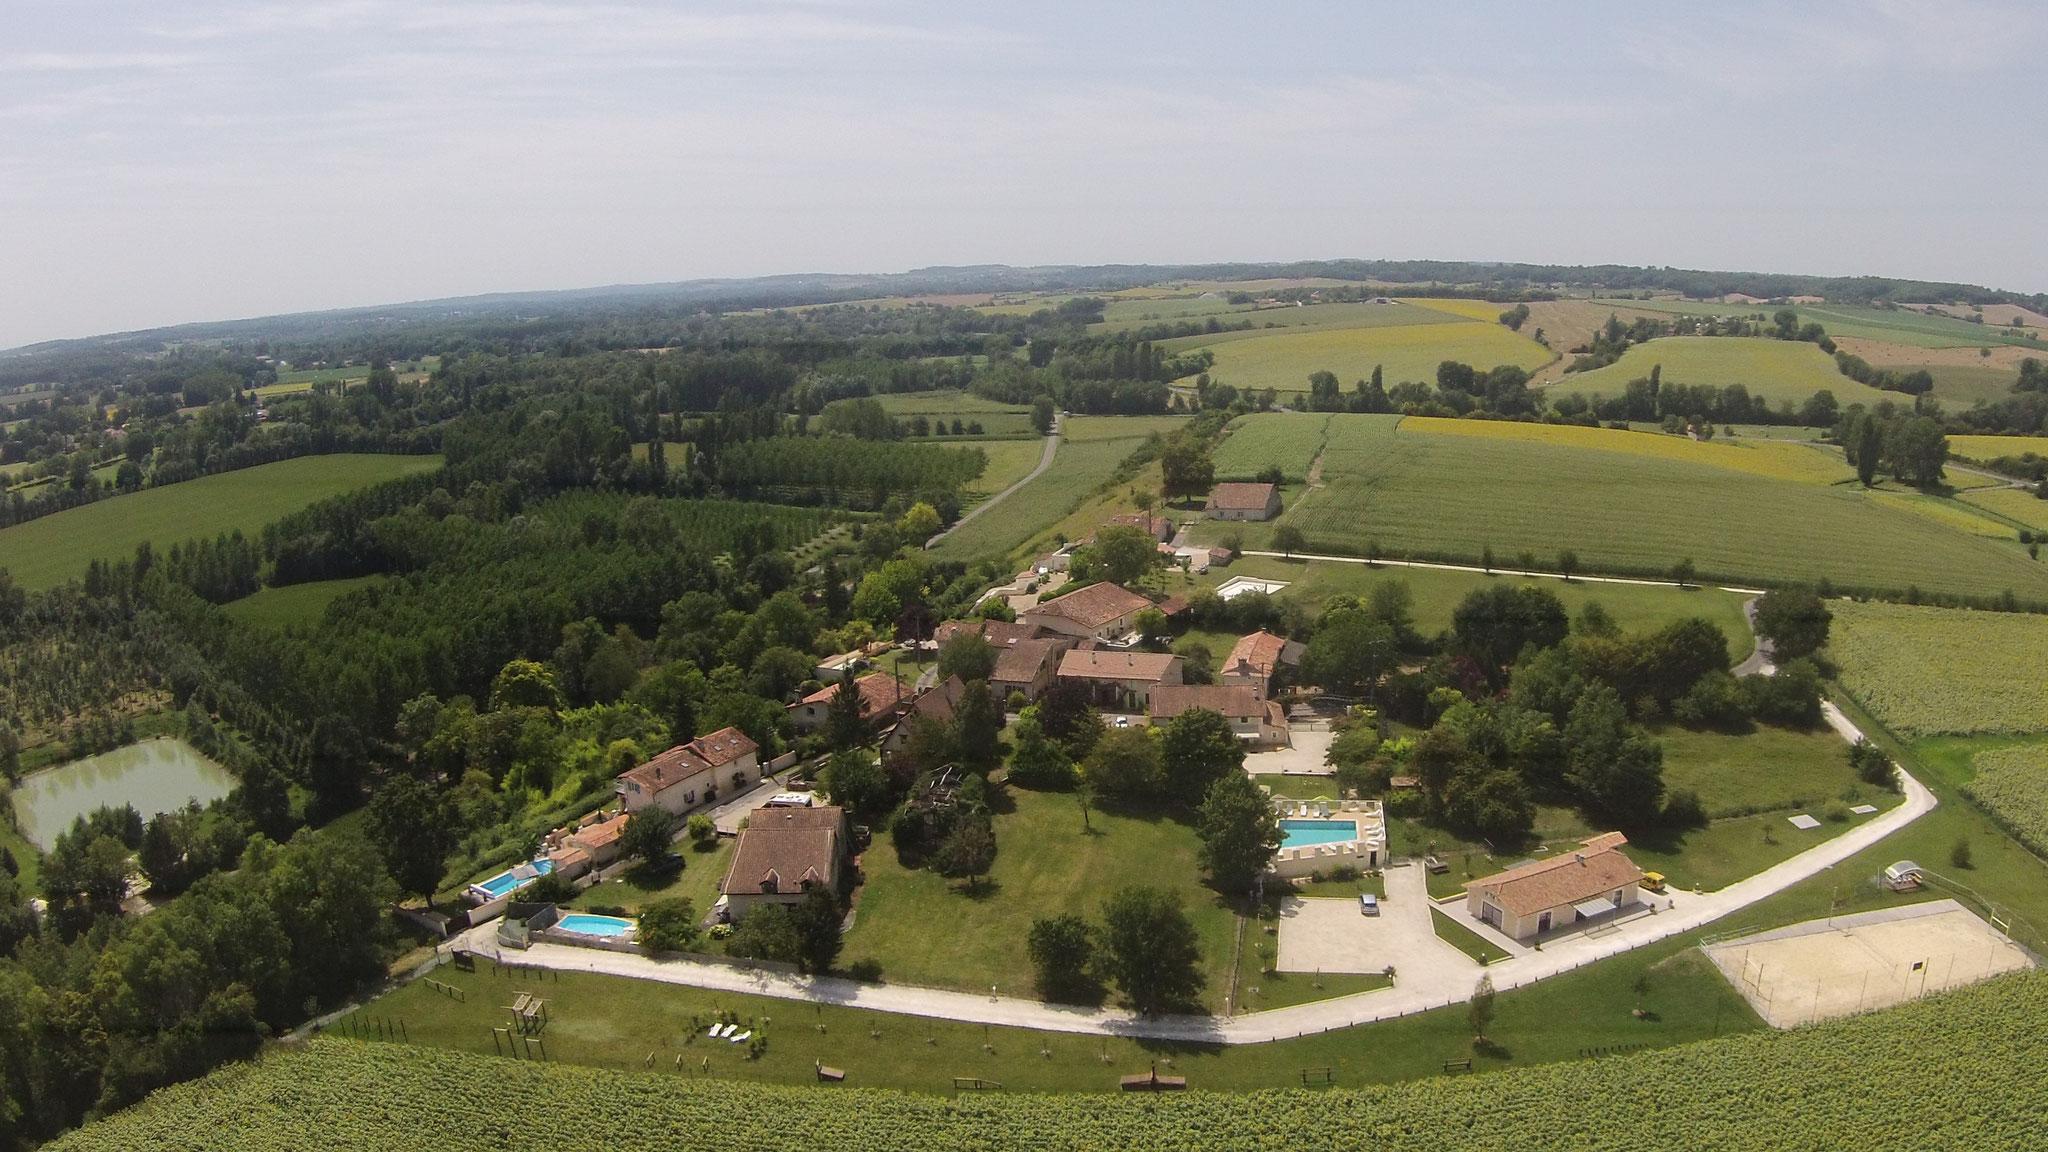 Le site de Zénith Vacances s'étend au coeur d'ne campagne vallonnée et verdoyante.